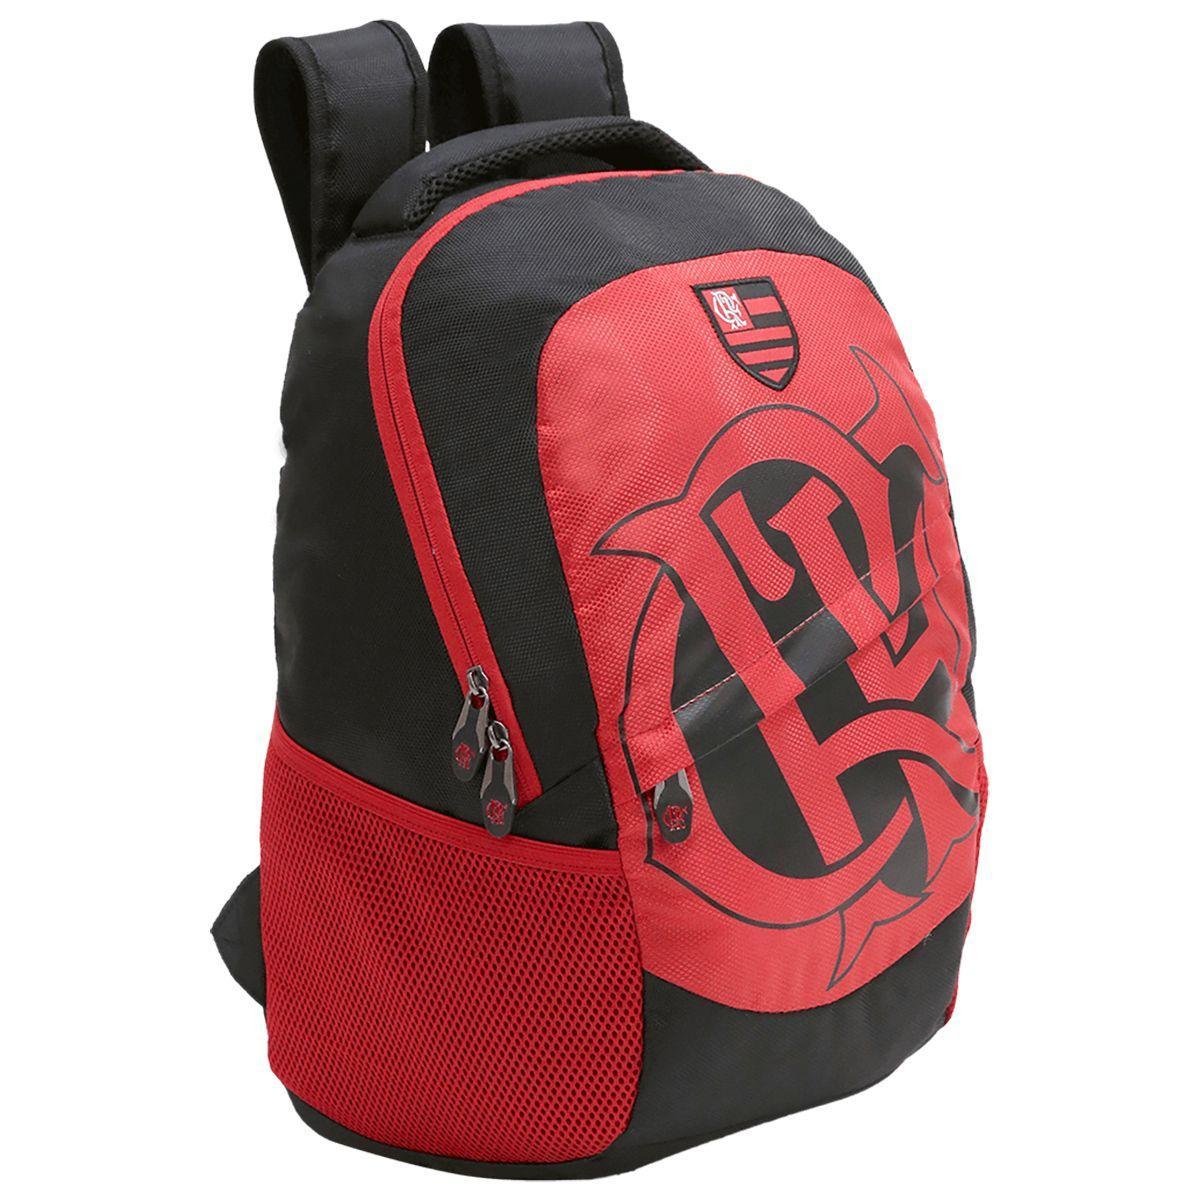 98d384cb3 Mochila Escolar Xeryus 8285 B01 Flamengo Vermelho Telha Produto não  disponível